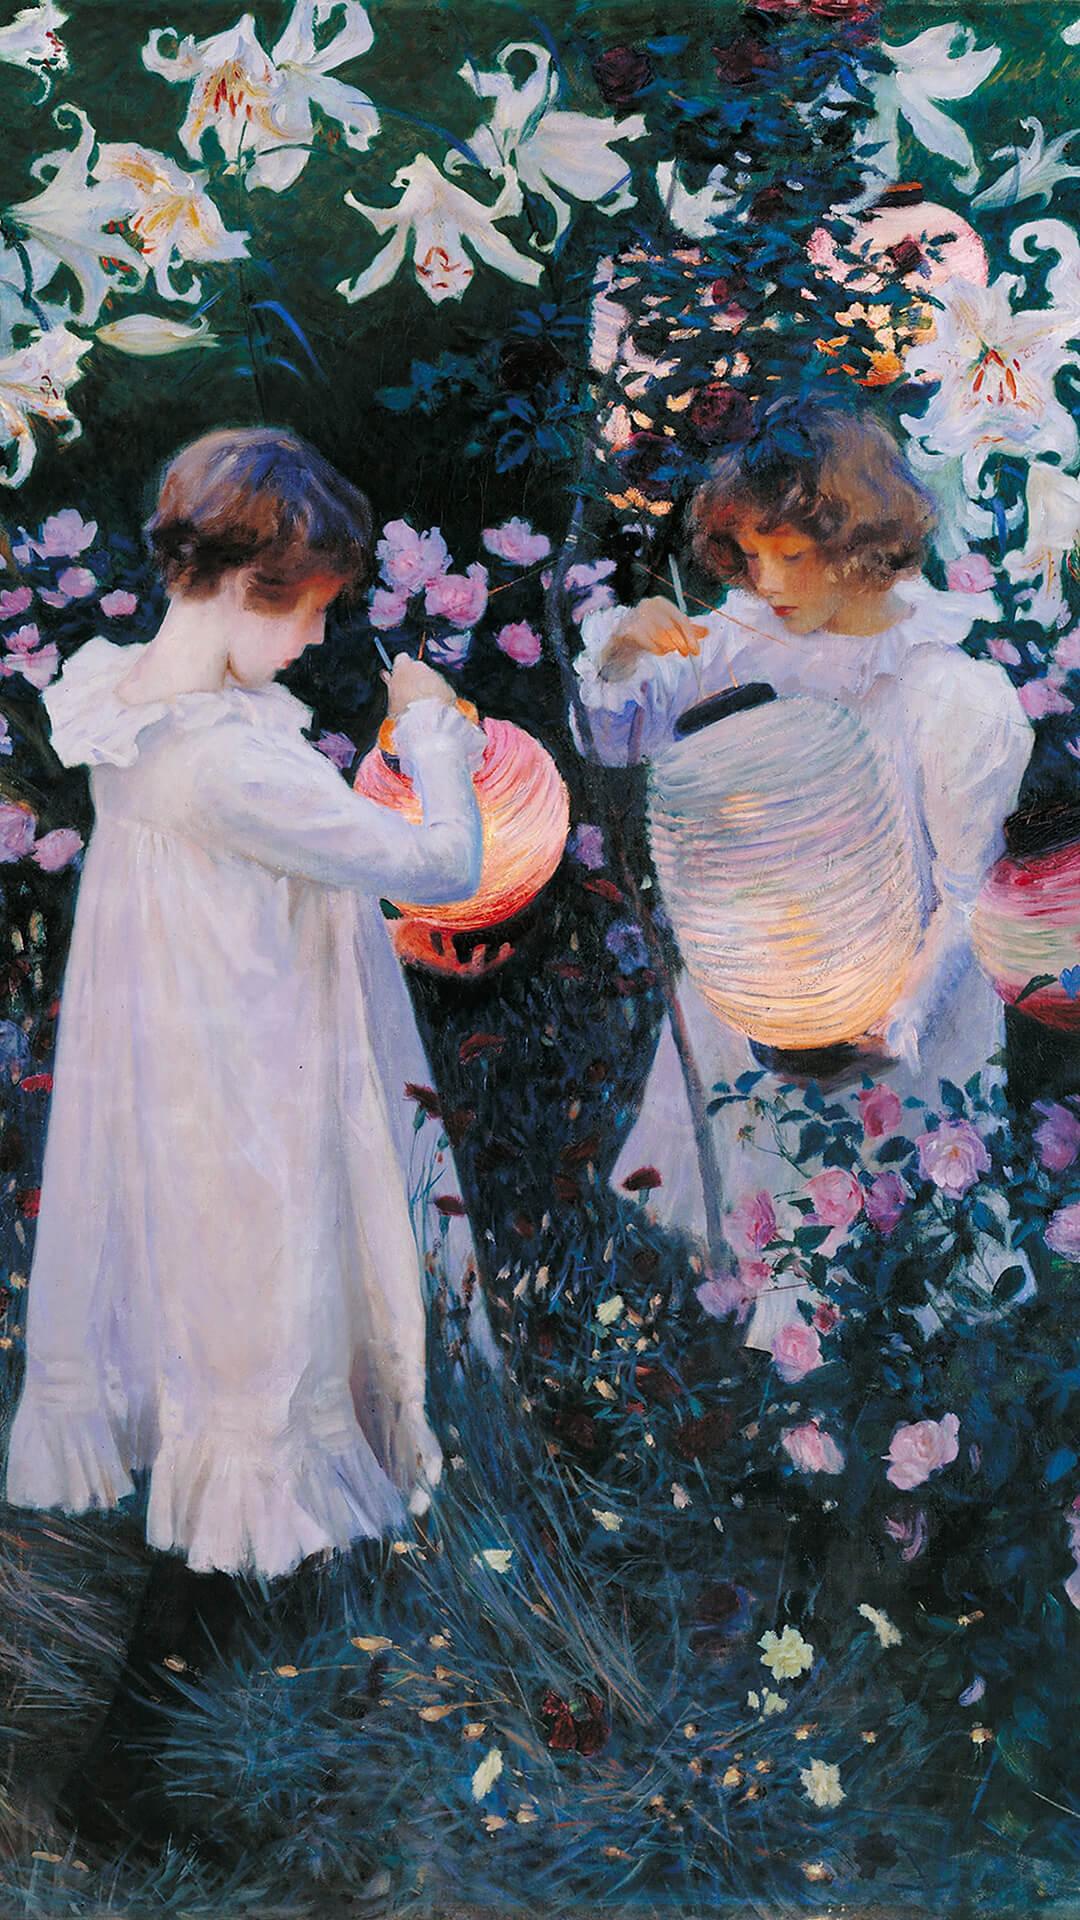 John Singer Sargent-Carnation Lily Lily Rose_1080x1920